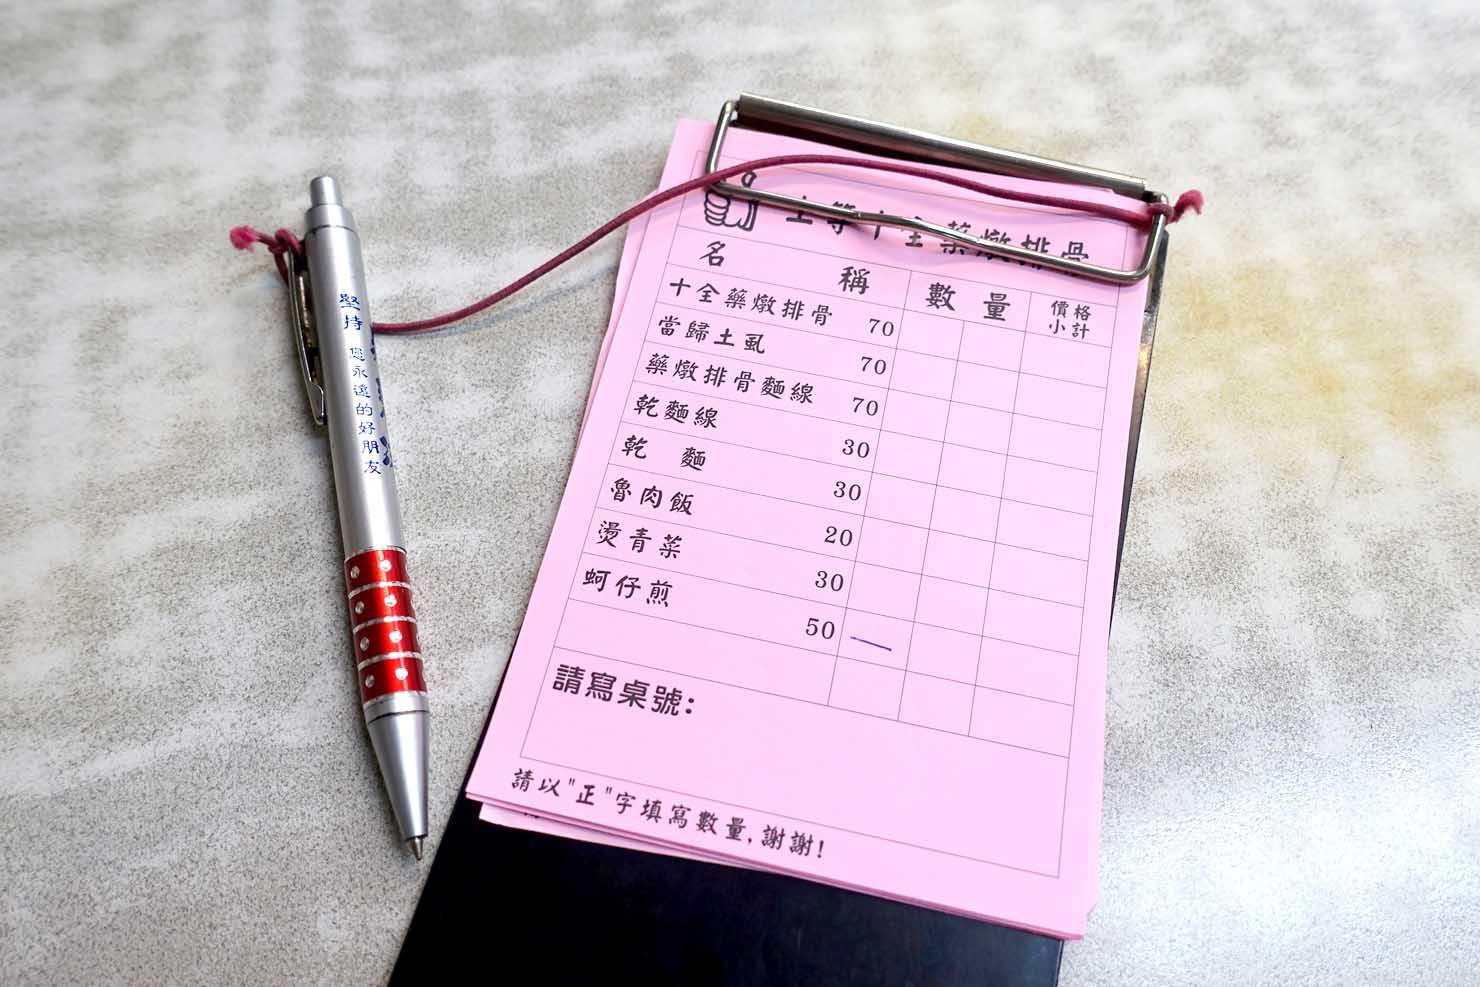 台北・士林夜市のおすすめグルメ店「上等十全排骨」のメニュー